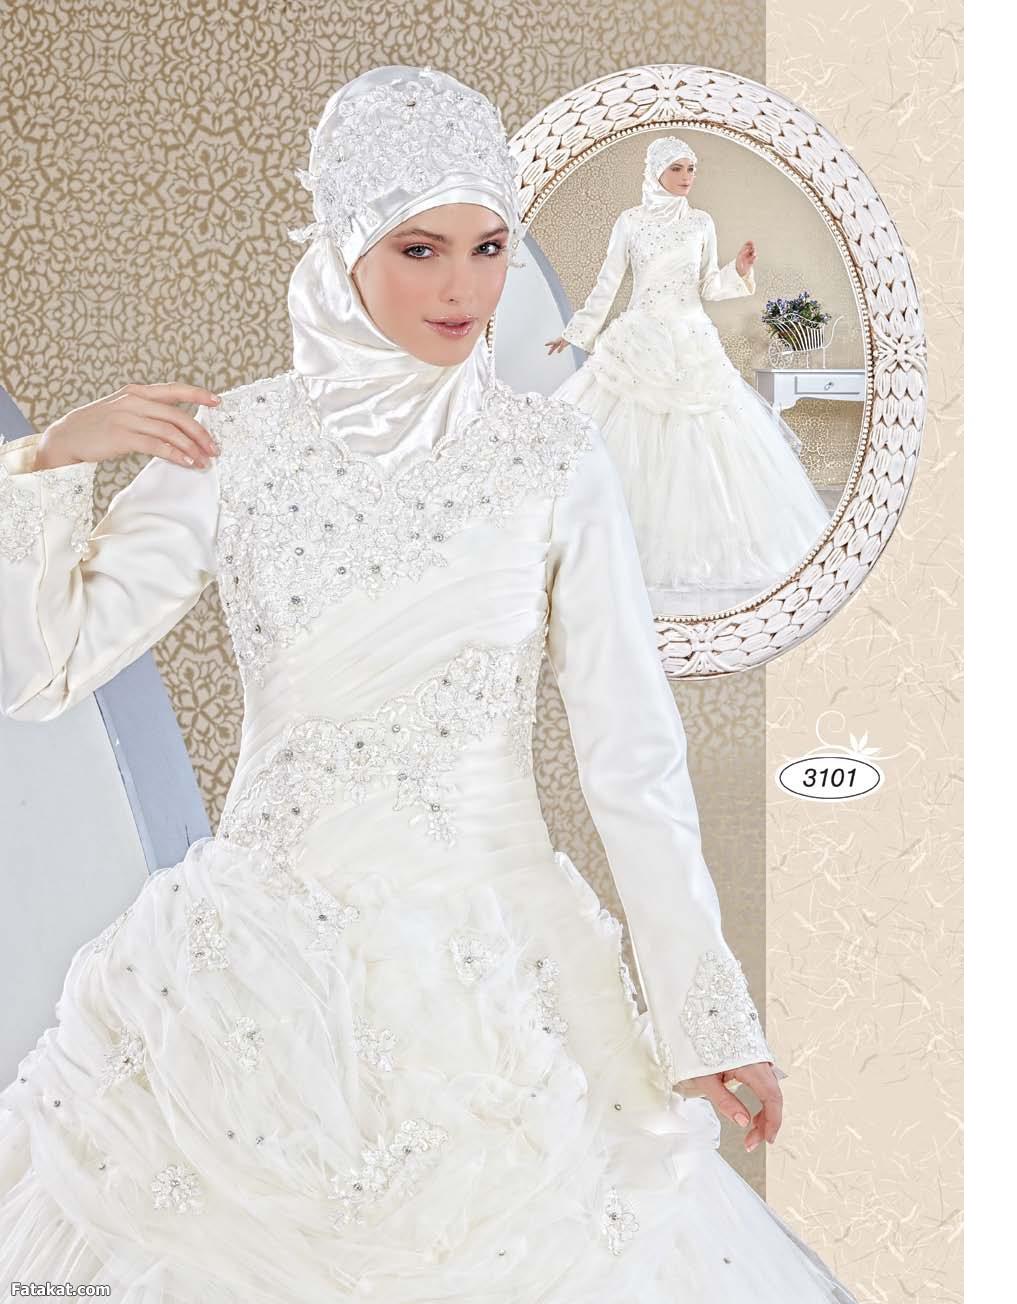 بالصور صور عرايس محجبات , اجمل صور لموديلات فساتين زفاف محجبات 3460